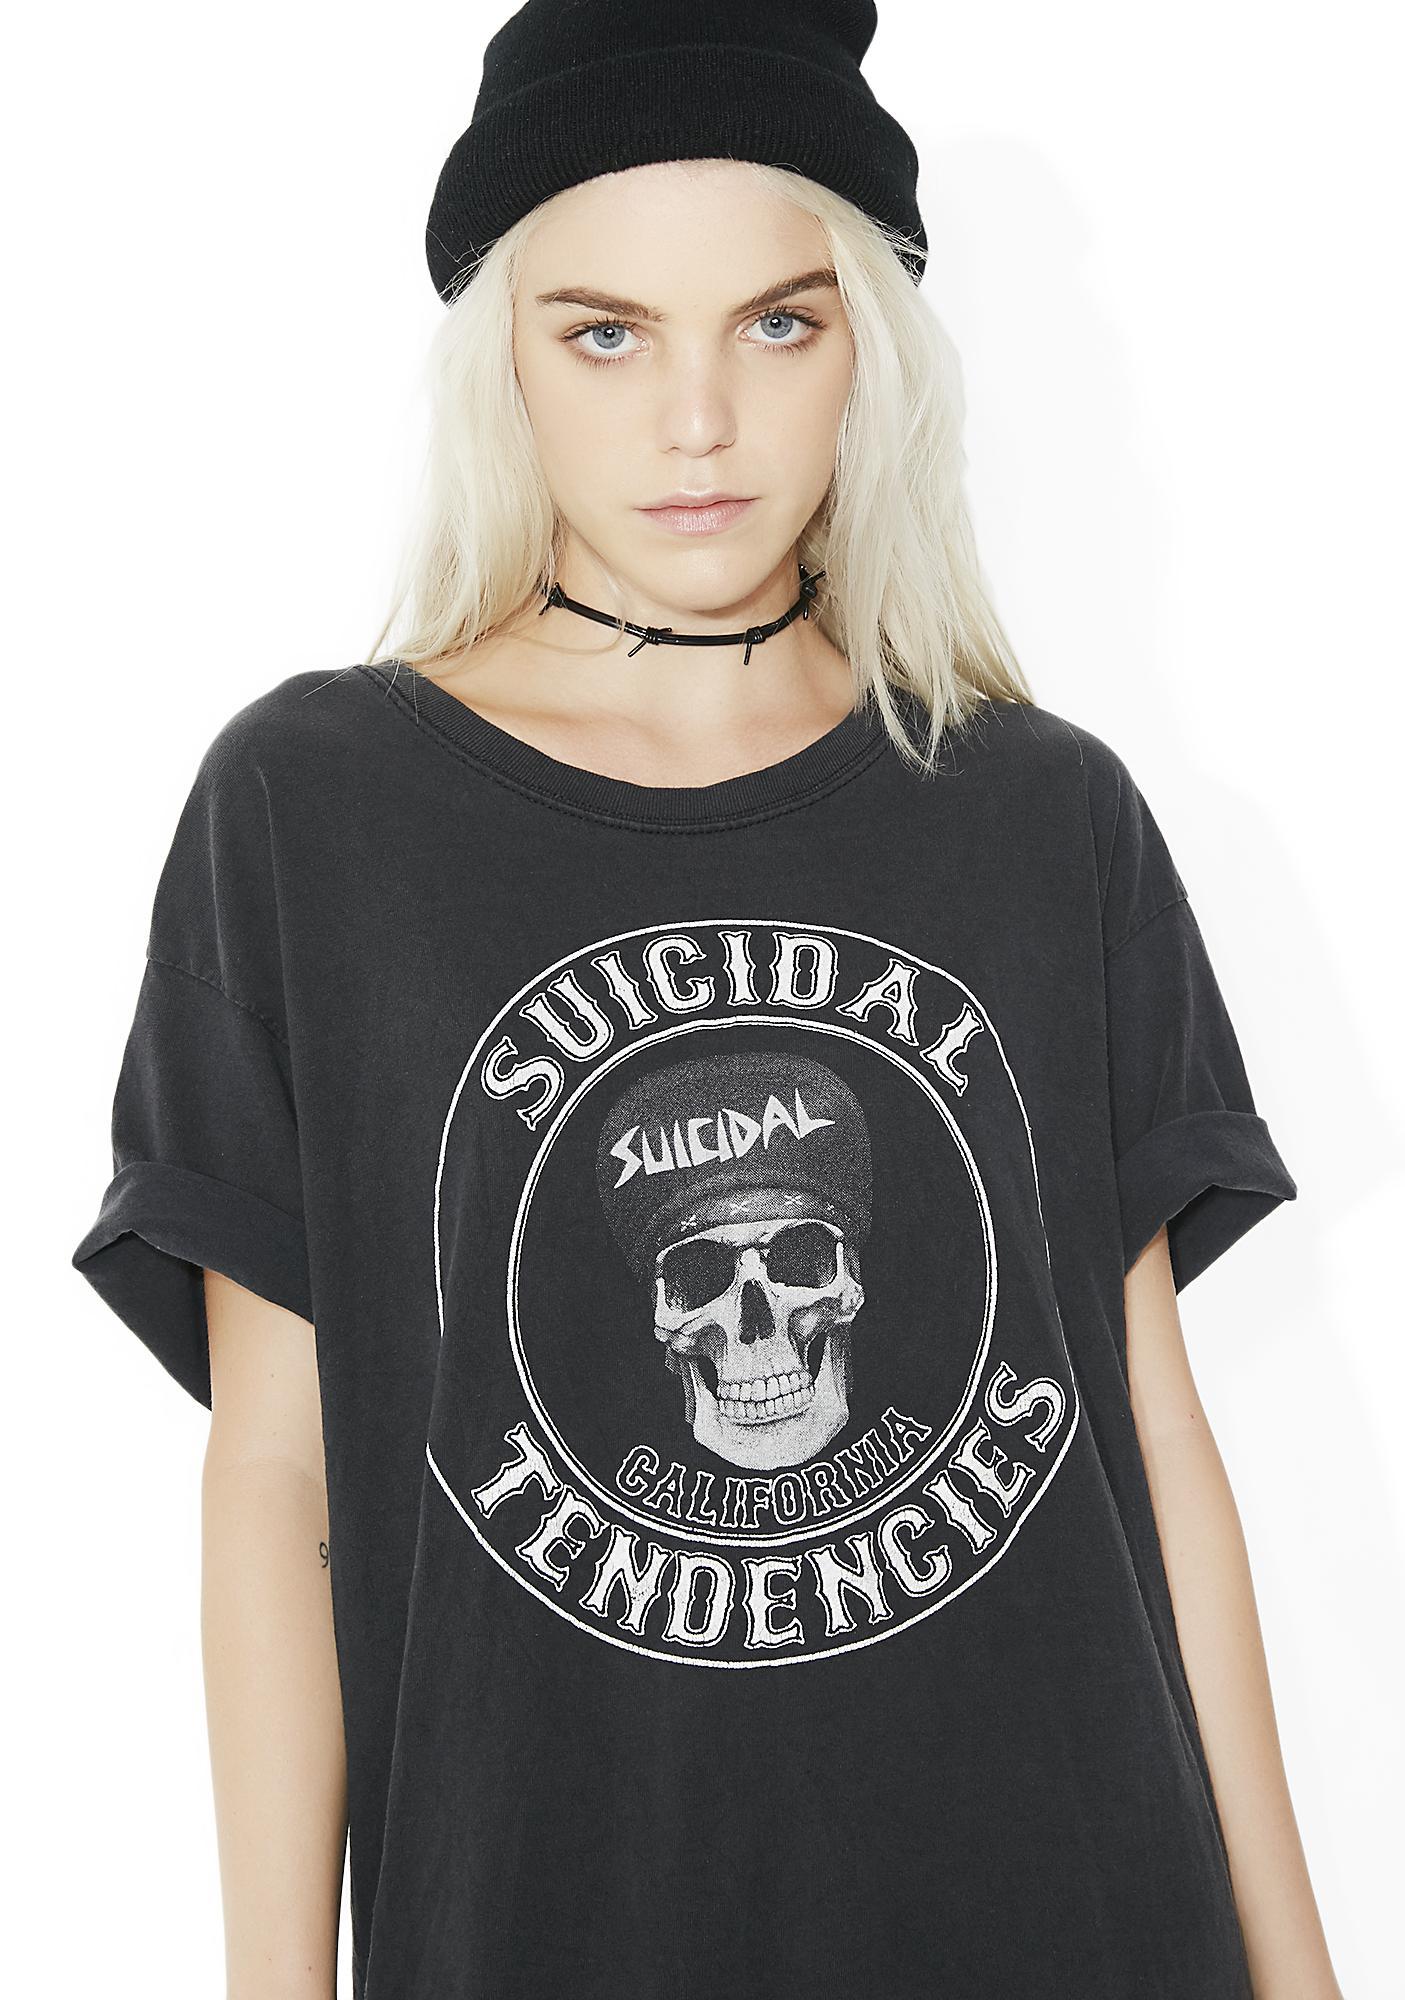 Vintage Suicidal Tendencies Tee